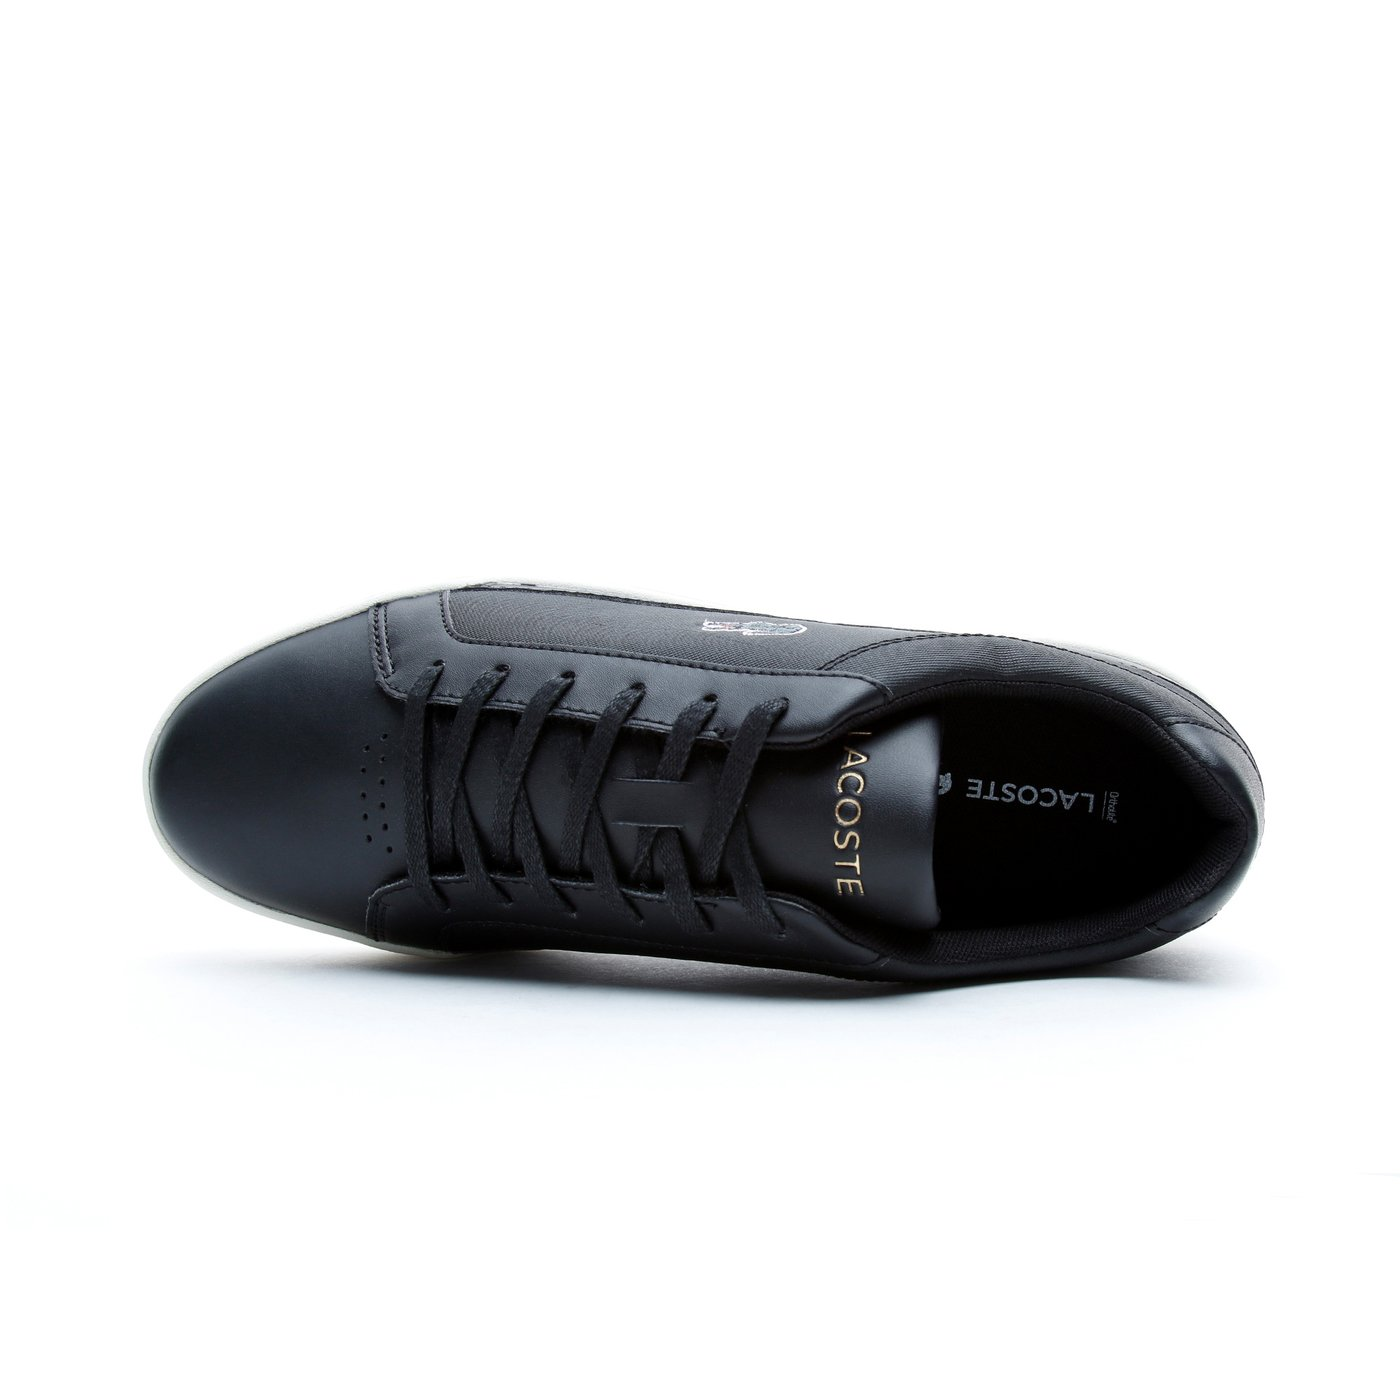 Lacoste Challenge Erkek Siyah Spor Ayakkabı